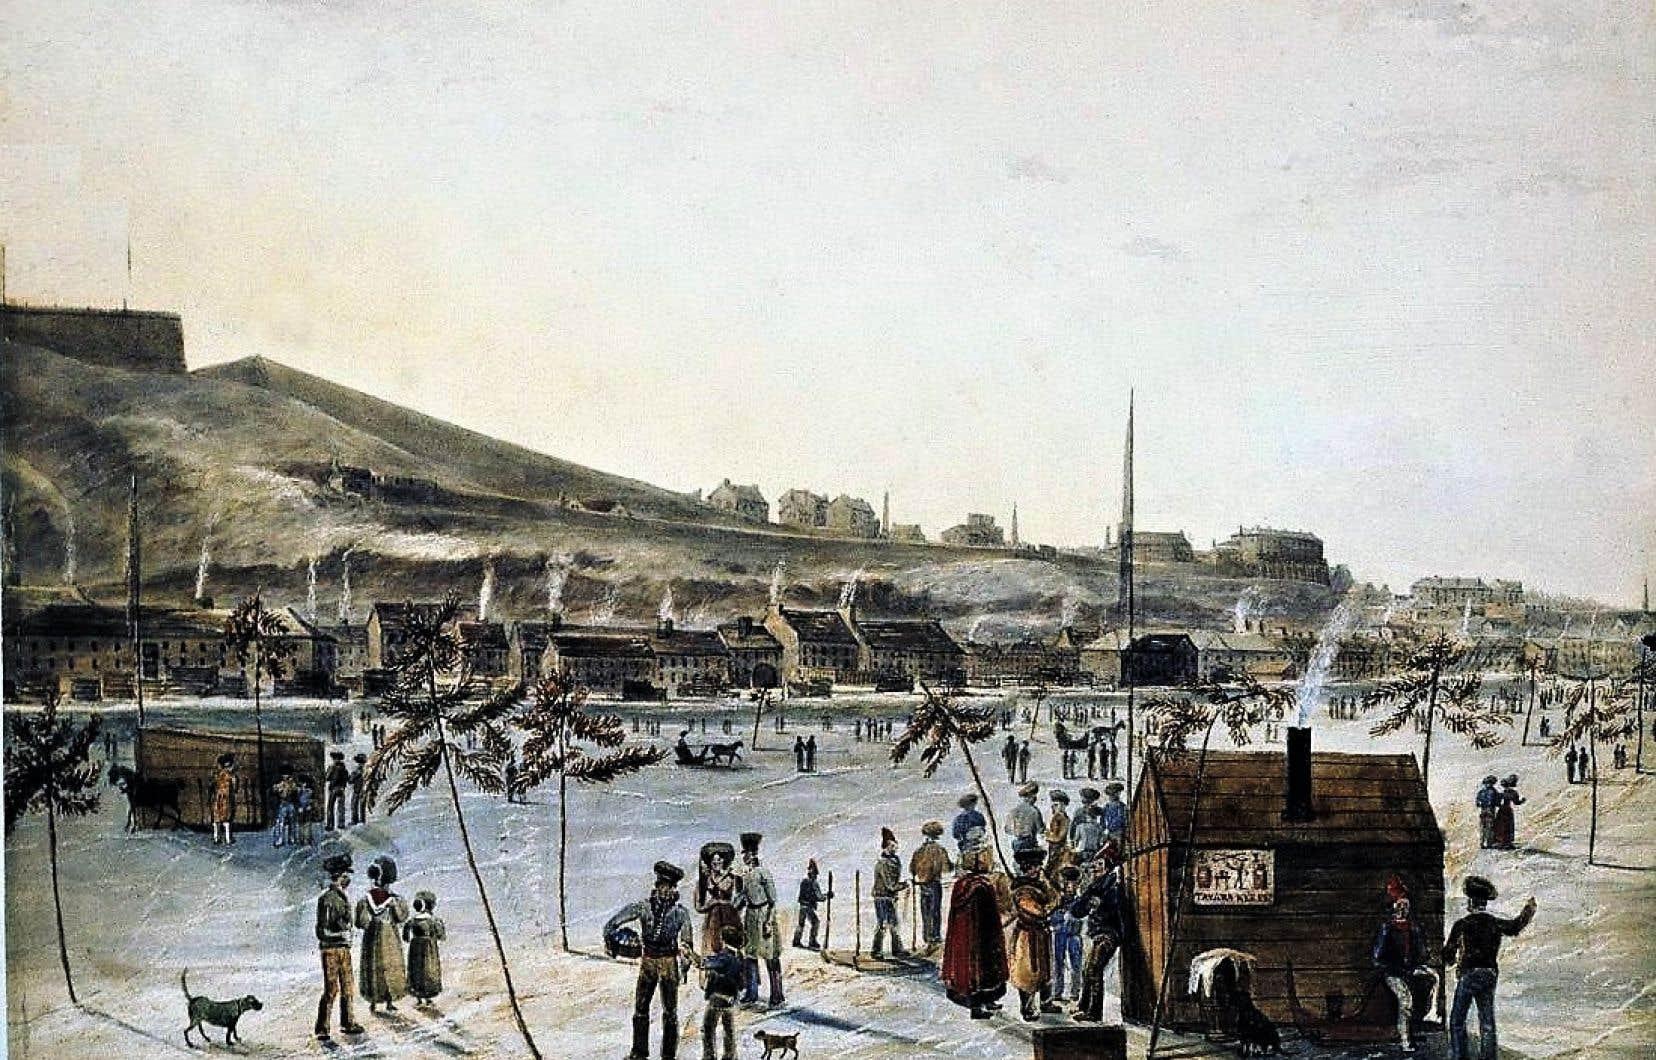 Le pont de glace de Québec dessiné par James Pattison Cockburn, vers 1830.